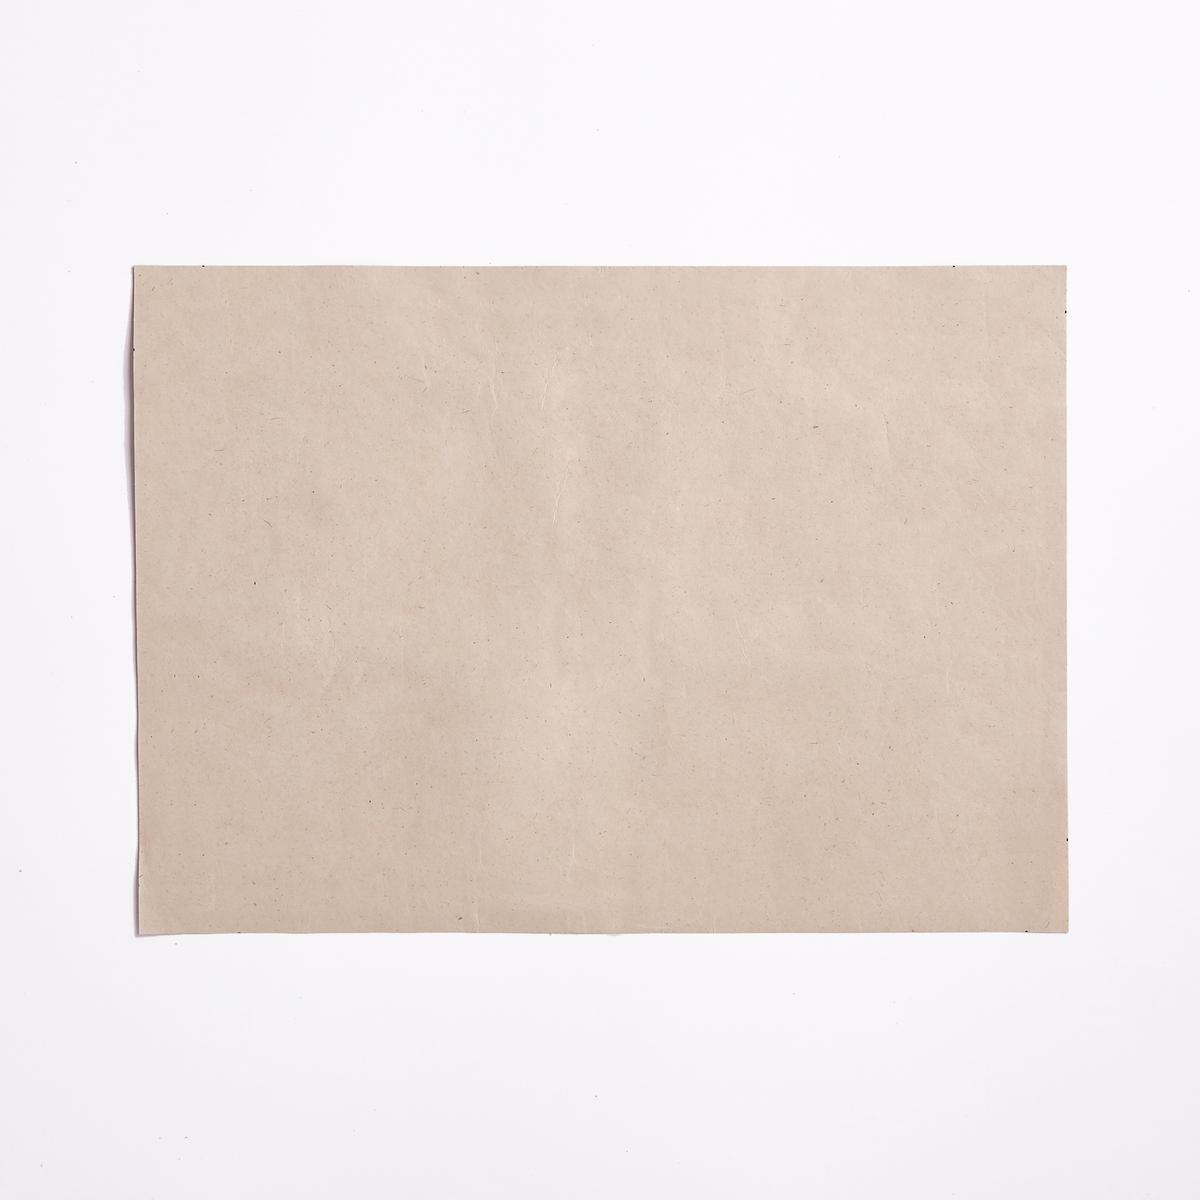 Комплект из 4 одноразовых столовых наборов Peperoti4 столовых набора Peperoti. Одноразовые, из переработанного картона. Красивый оптический рисунок : тарелка, стакан, ложка золотистого цвета и салфетка. Размеры  : длина 42 x ширина 30 см.<br><br>Цвет: белый/зеленый/желтый